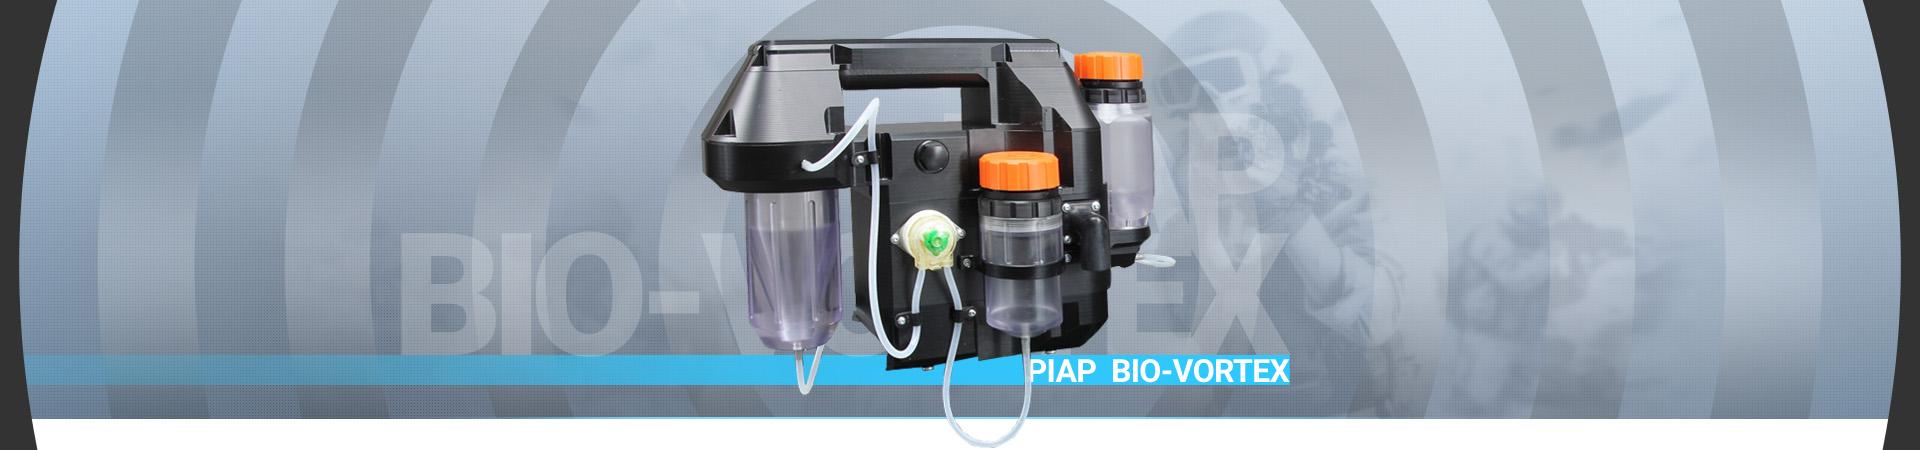 bio-vortex1920x450